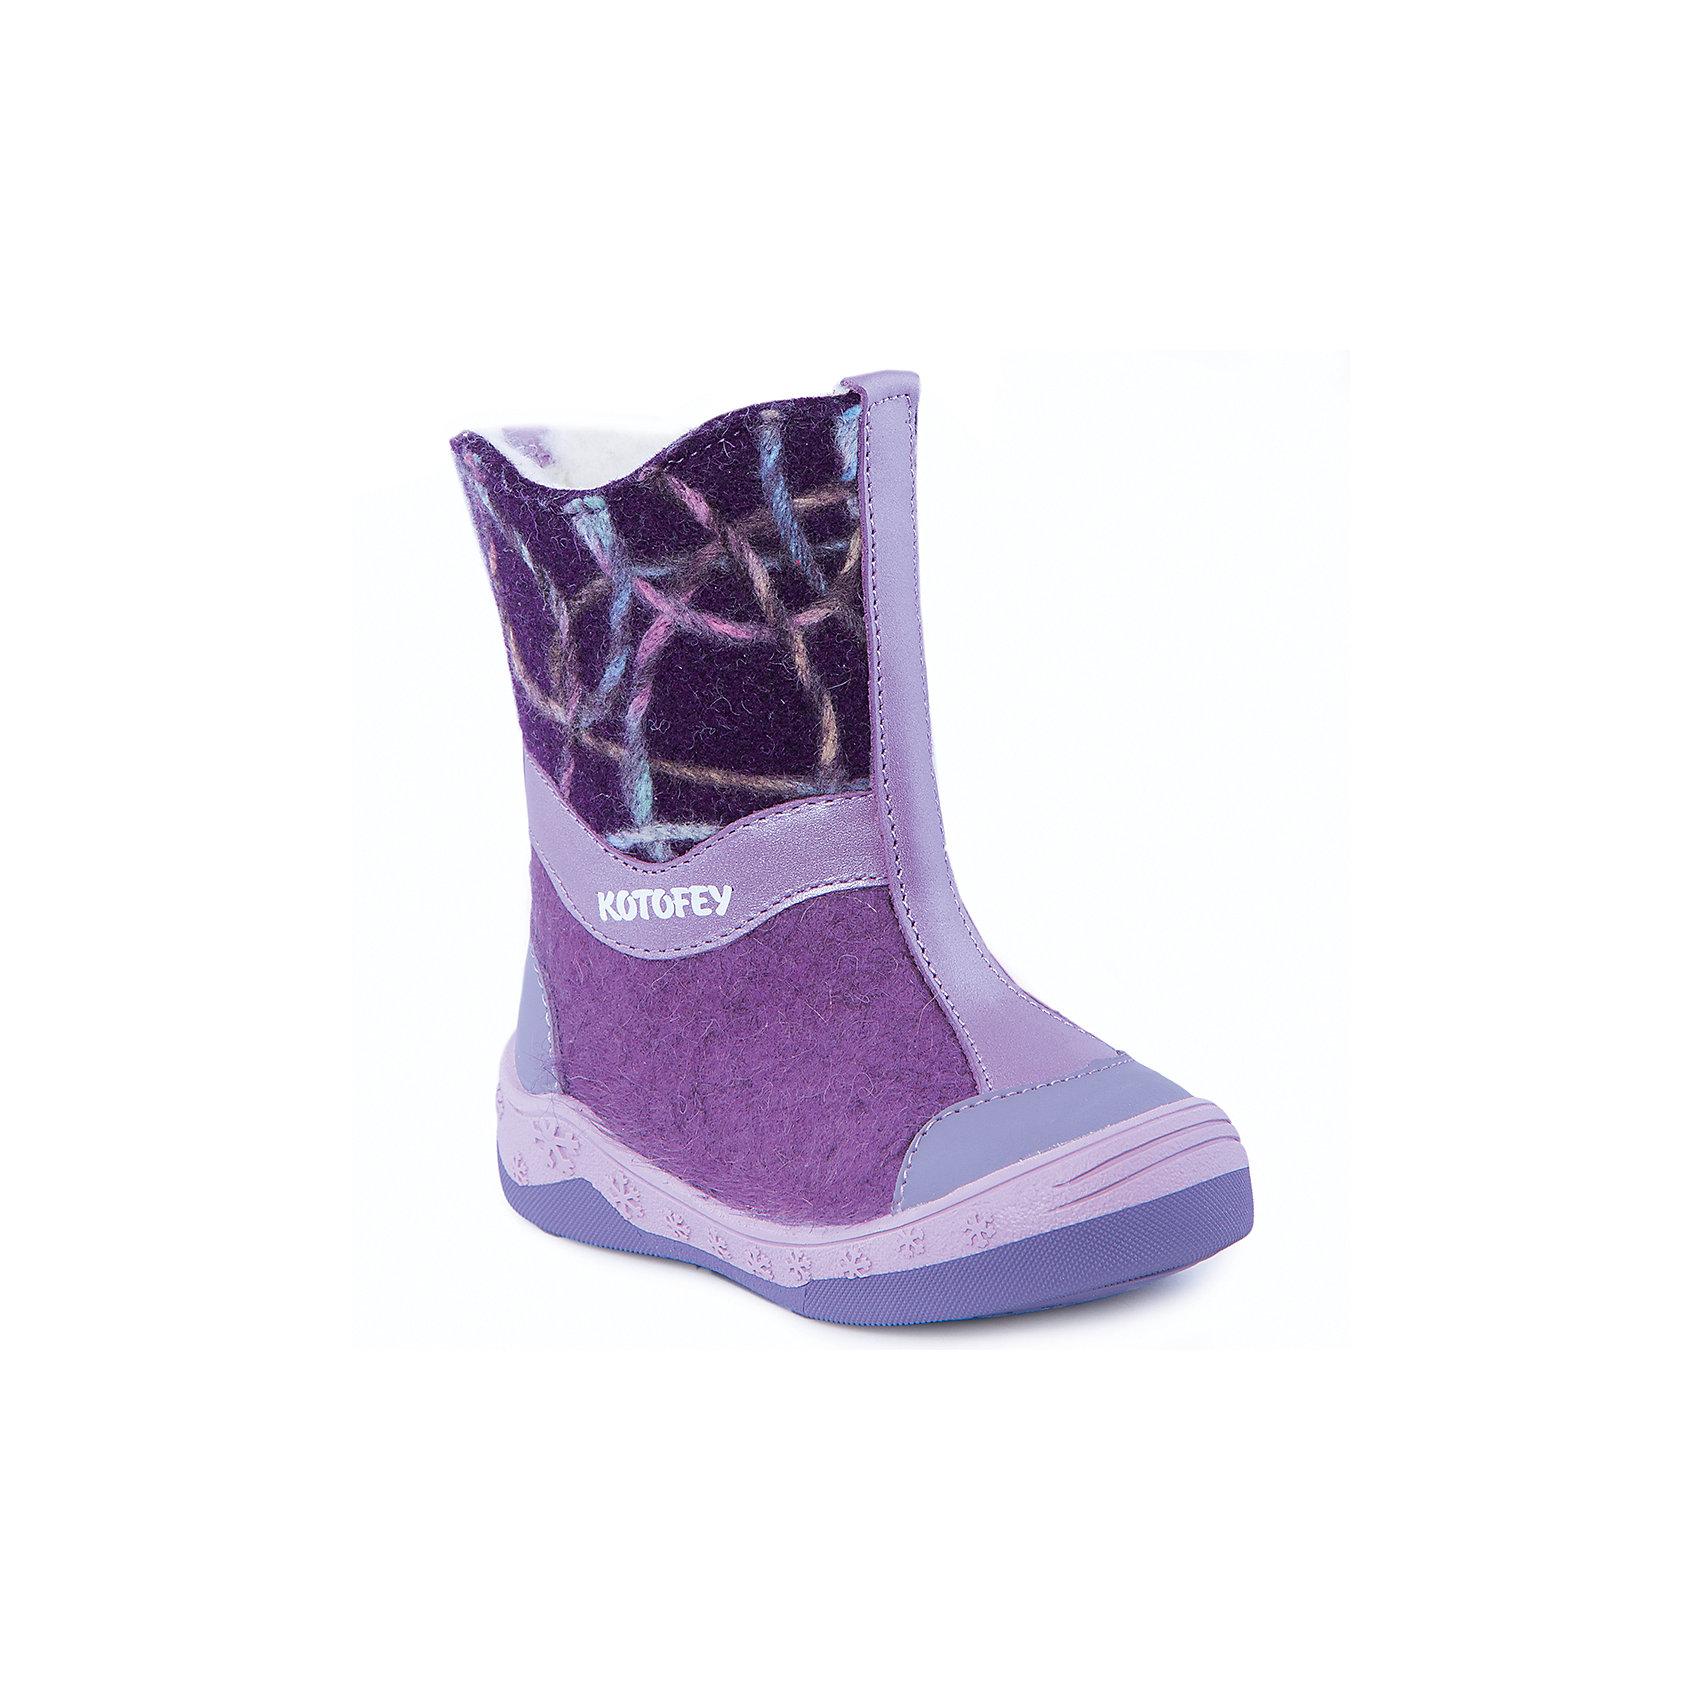 Валенки для девочки КотофейВаленки<br>Валенки для девочки  от известного российского бренда Котофей<br><br>Теплые и удобные валенки помогут защитить детские ножки от сырости и холода. Они легко надеваются, комфортно садятся по ноге.<br><br>Особенности модели: <br><br>- цвет - сиреневый, фиолетовый;<br>- стильный дизайн;<br>- нашивка в виде сердечка;<br>- защита пятки и пальцев;<br>- удобная колодка;<br>- подкладка утепленная;<br>- вид крепления – клеевой;<br>- амортизирующая подошва;<br>- застежка - молния.<br><br>Дополнительная информация:<br><br>Температурный режим: <br><br>от 0° С до -25° С<br><br>Состав:<br>верх – войлок;<br>подкладка - шерстяной мех;<br>подошва - ТЭП.<br><br>Валенки для девочки Котофей можно купить в нашем магазине.<br><br>Ширина мм: 257<br>Глубина мм: 180<br>Высота мм: 130<br>Вес г: 420<br>Цвет: фиолетовый<br>Возраст от месяцев: 21<br>Возраст до месяцев: 24<br>Пол: Женский<br>Возраст: Детский<br>Размер: 24,25,23,26<br>SKU: 4315273